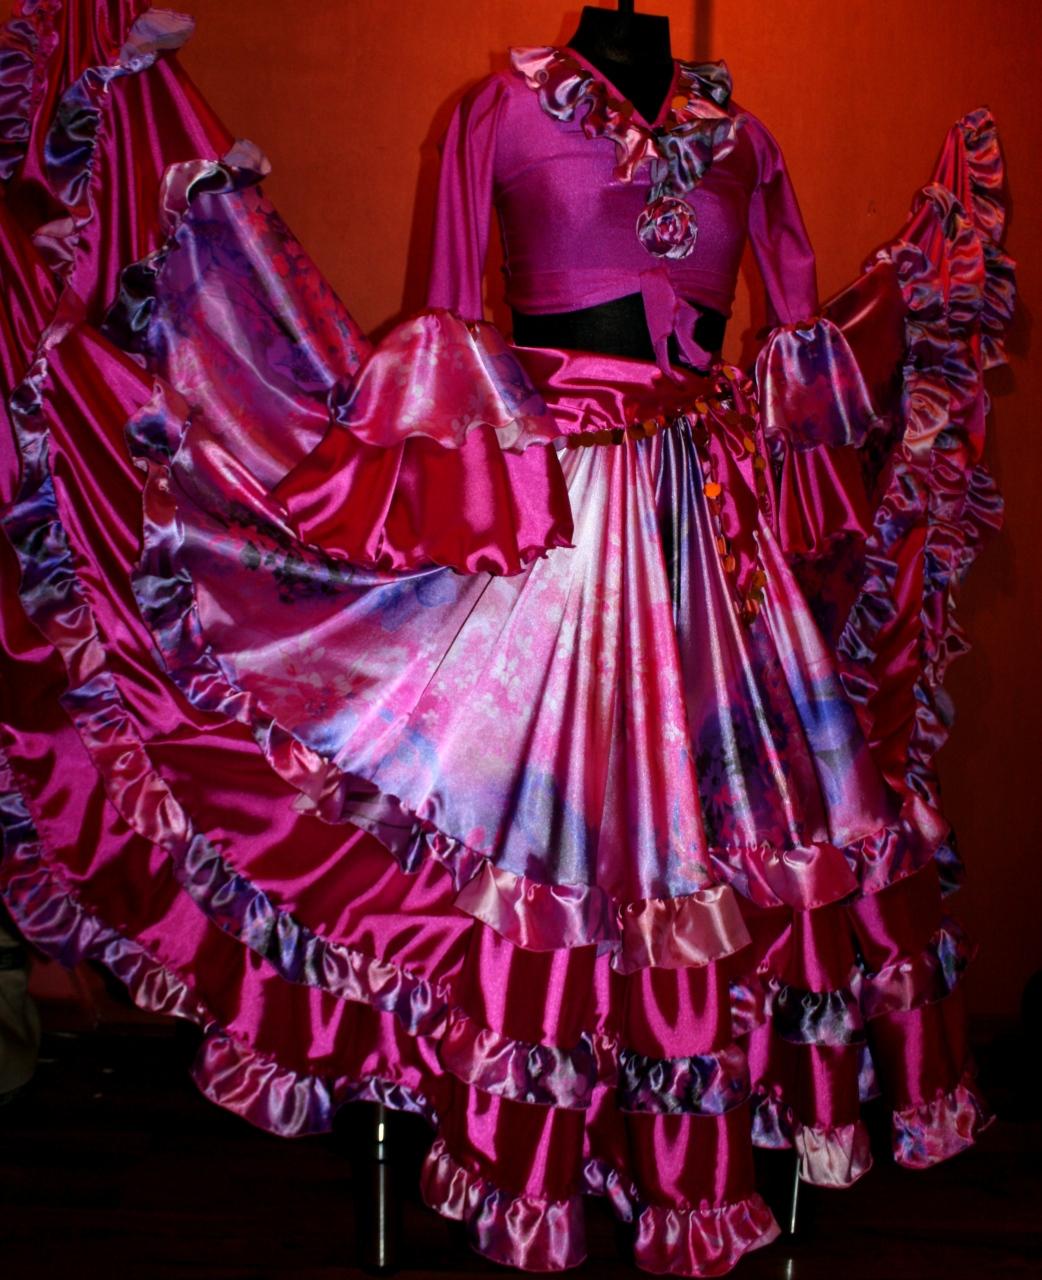 Фото в цыганском платье